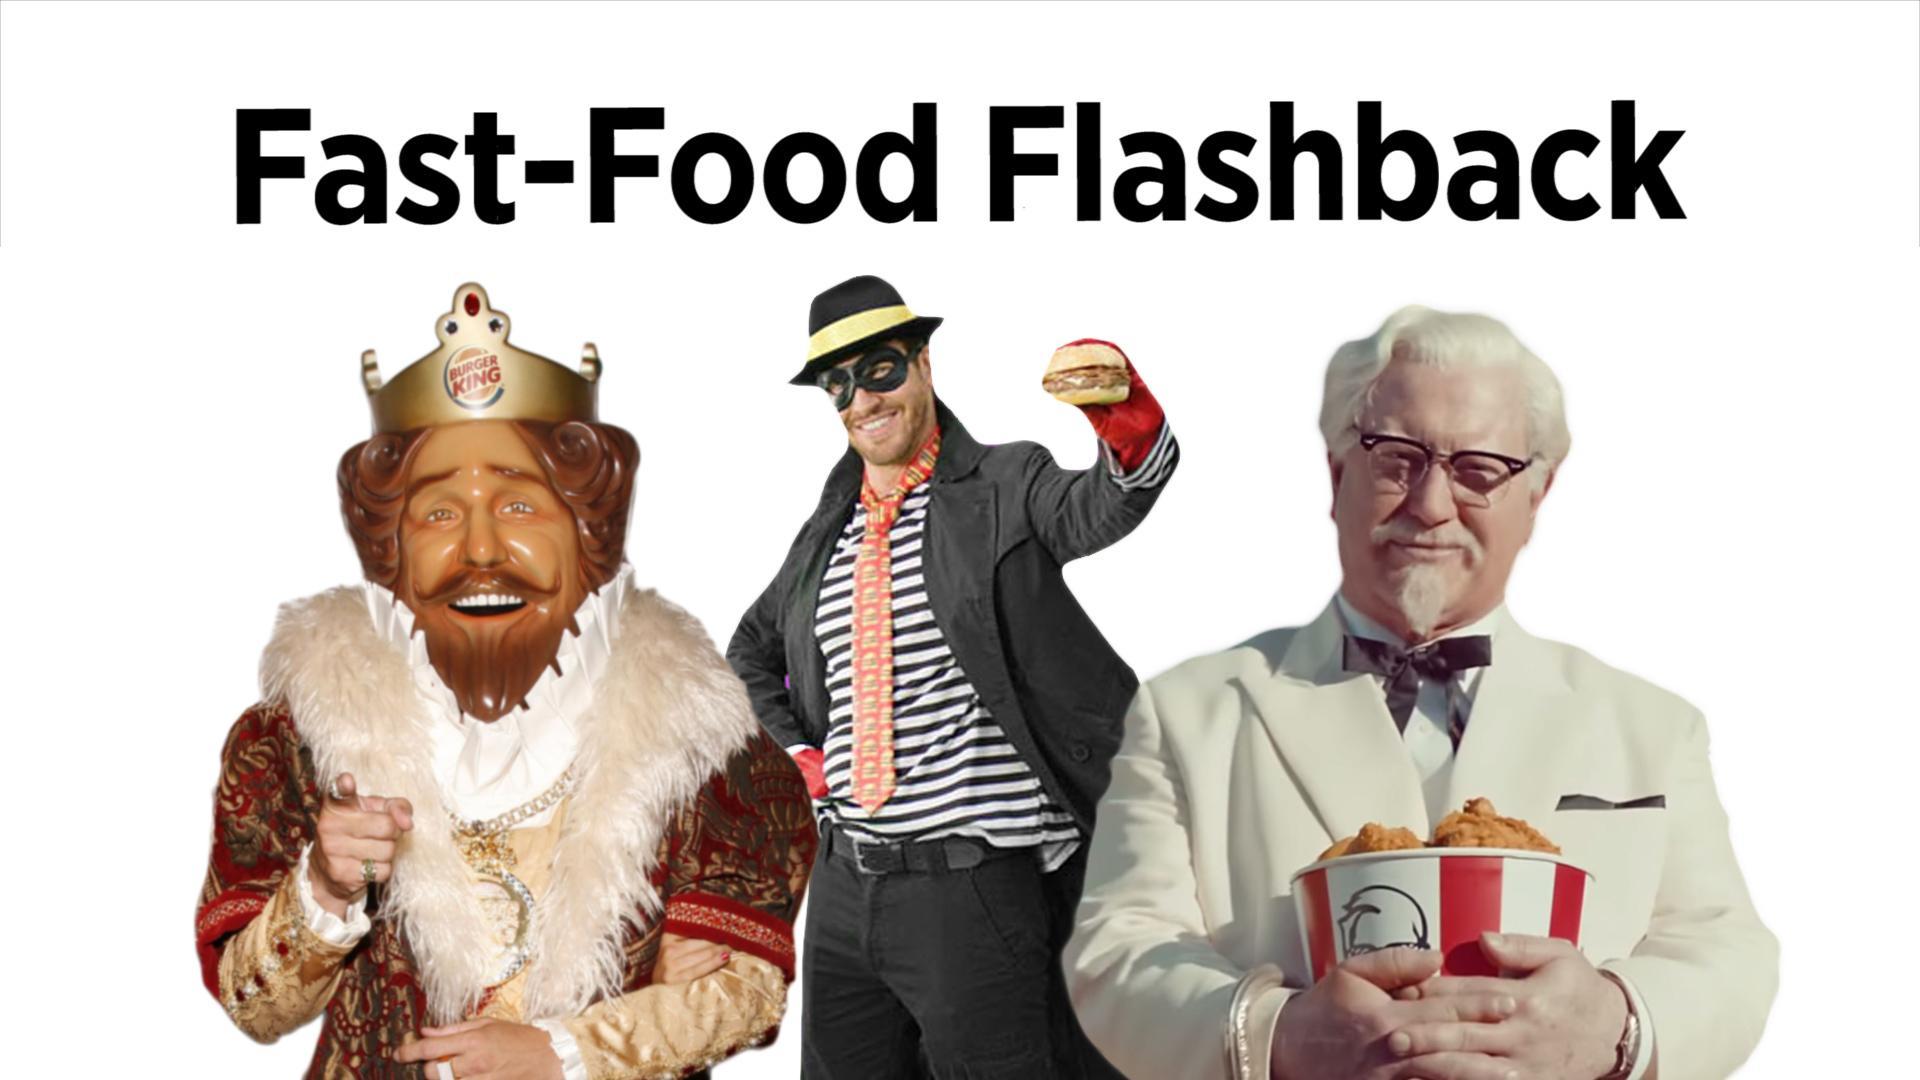 Fast-Food Flashback: Classic Mascots